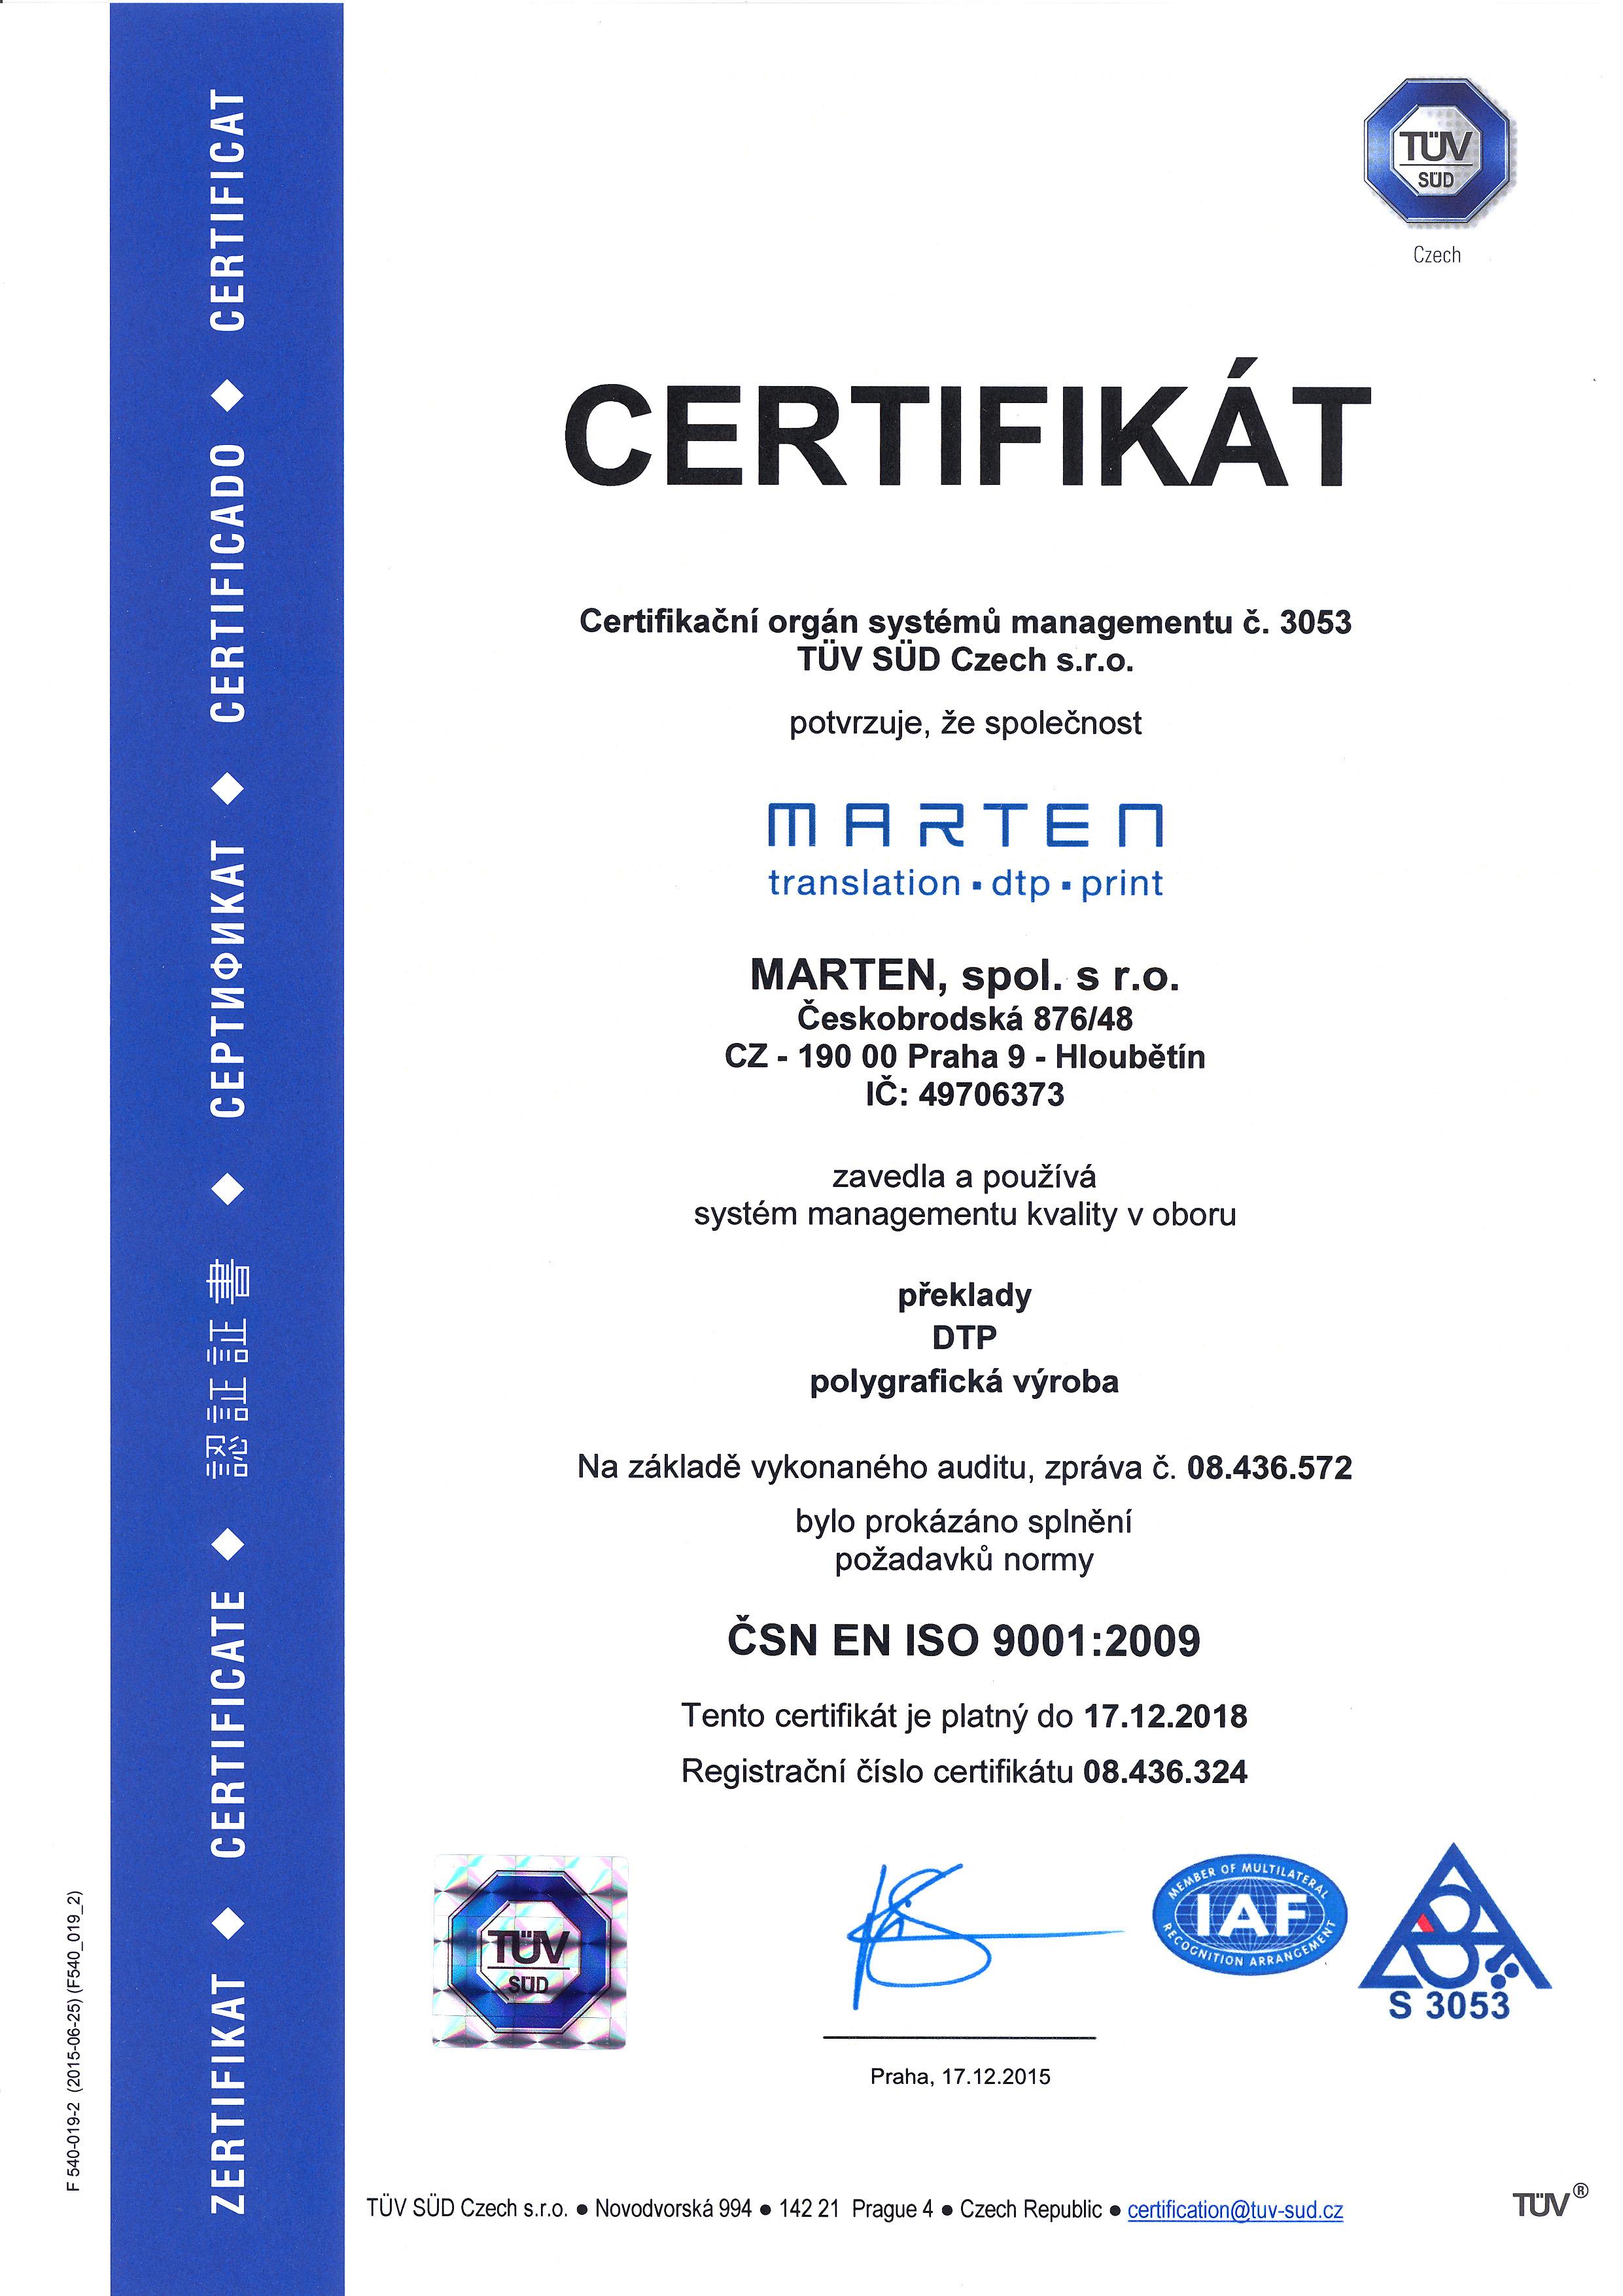 ČSN EN ISO 9001:2009